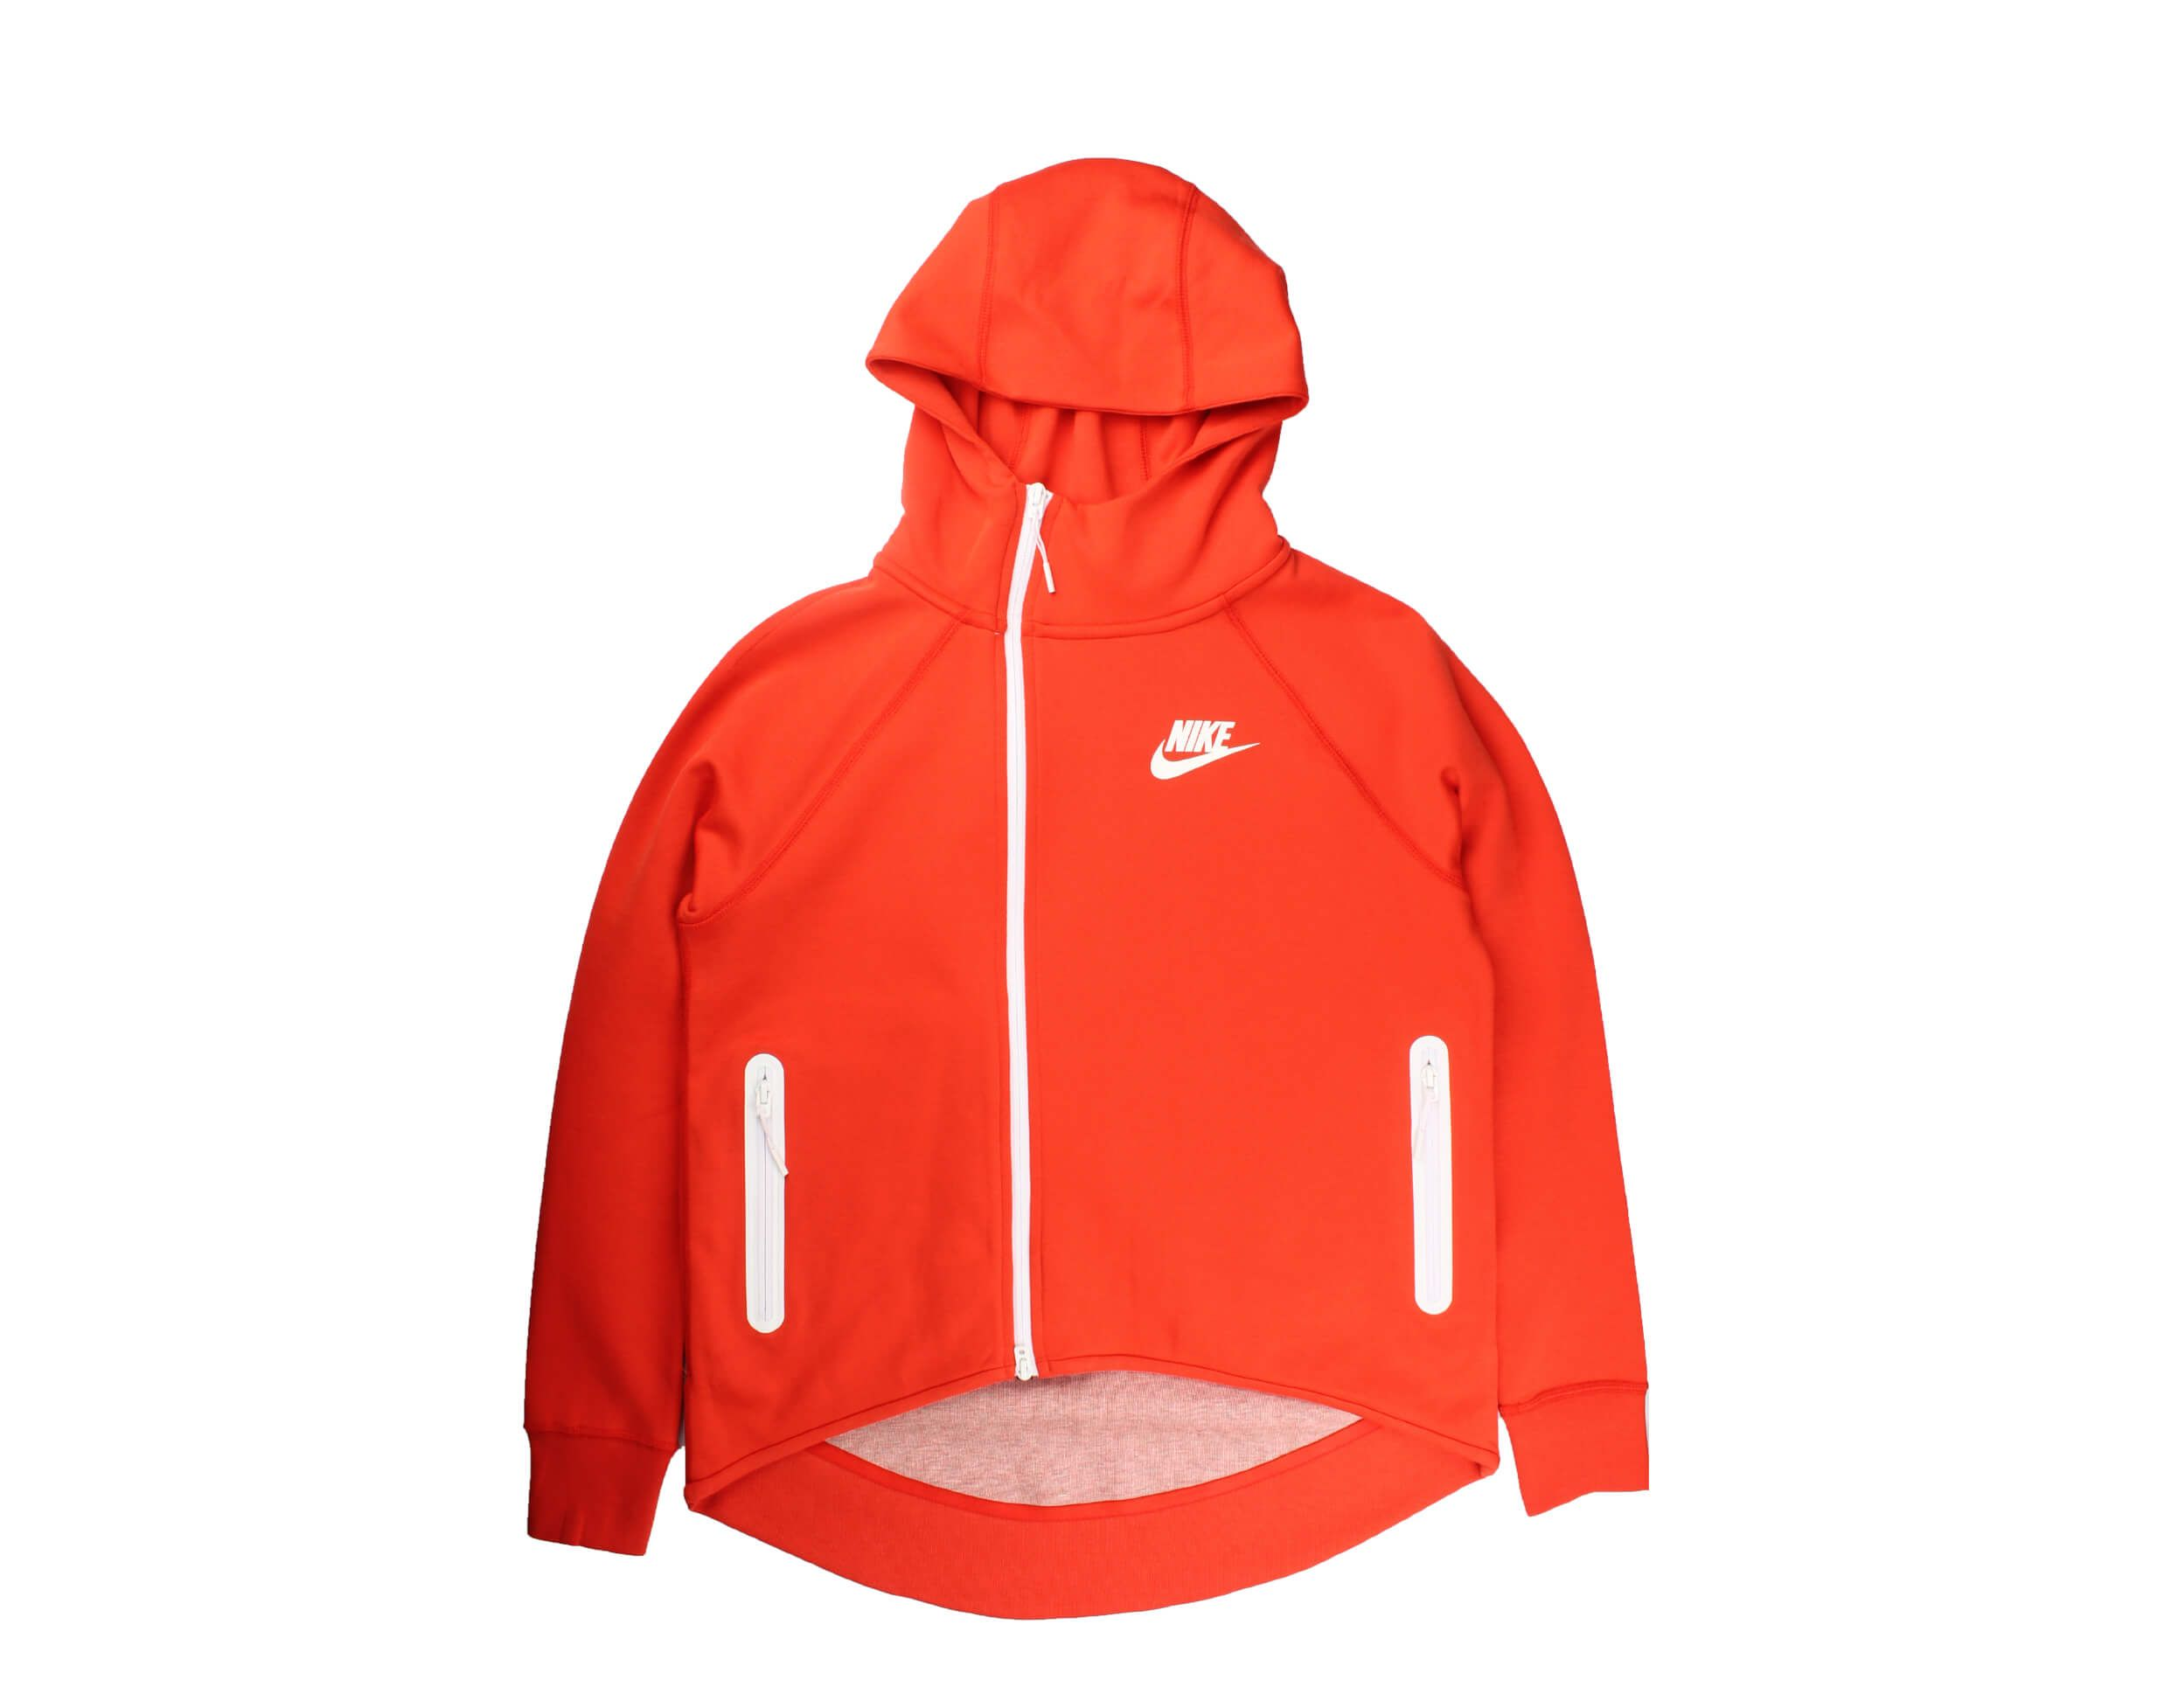 Nike Sportswear Tech Fleece FullZip Habanero Red Women's